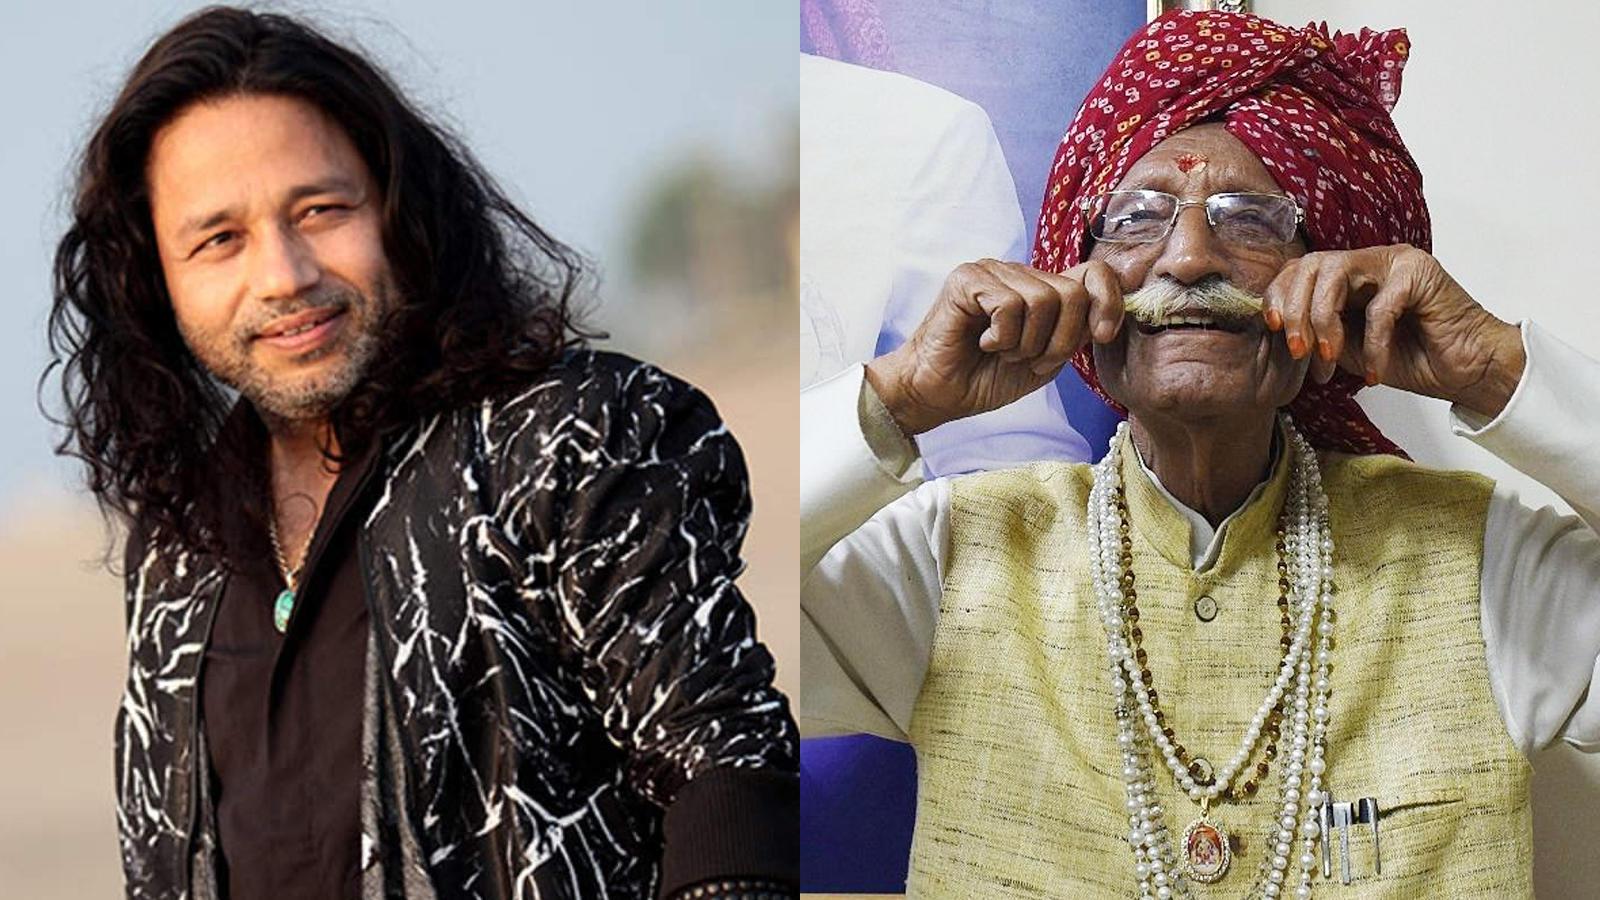 mahashay-dharampal-gulati-passes-away-at-97-bollywood-celebrities-pay-homage